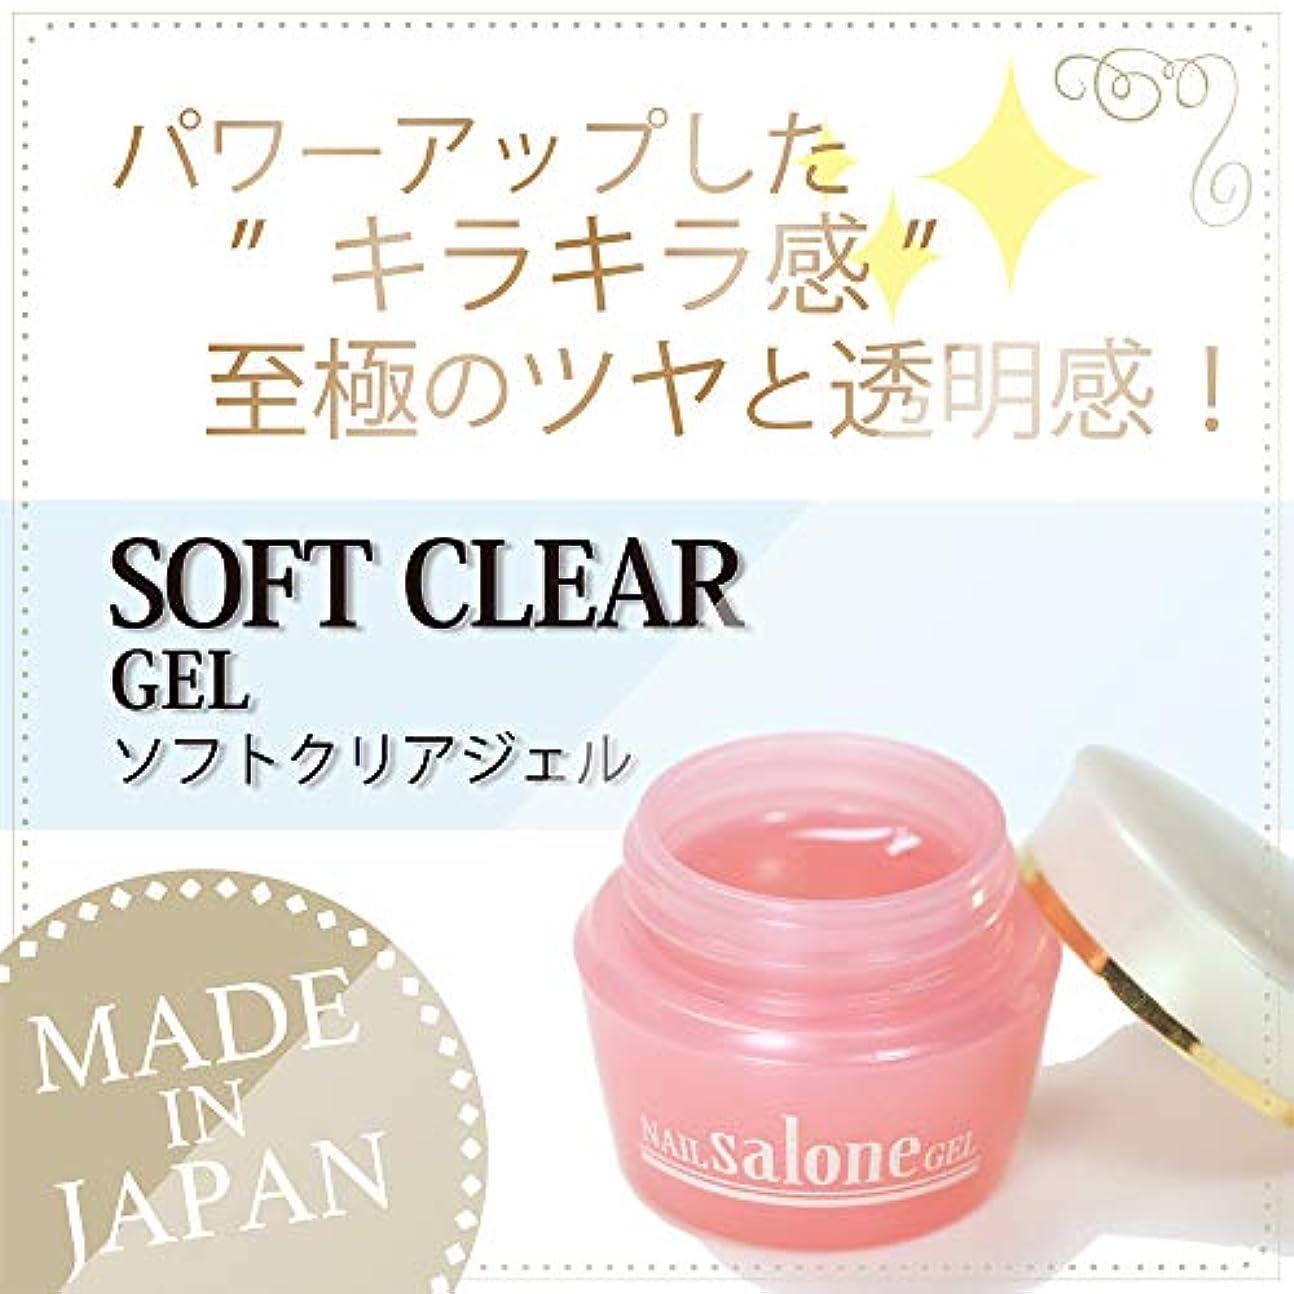 寄付する申し立てられたアスレチックSalone gel サローネ ソフトクリアージェル ツヤツヤ キラキラ感持続 抜群のツヤ 爪に優しい日本製 3g